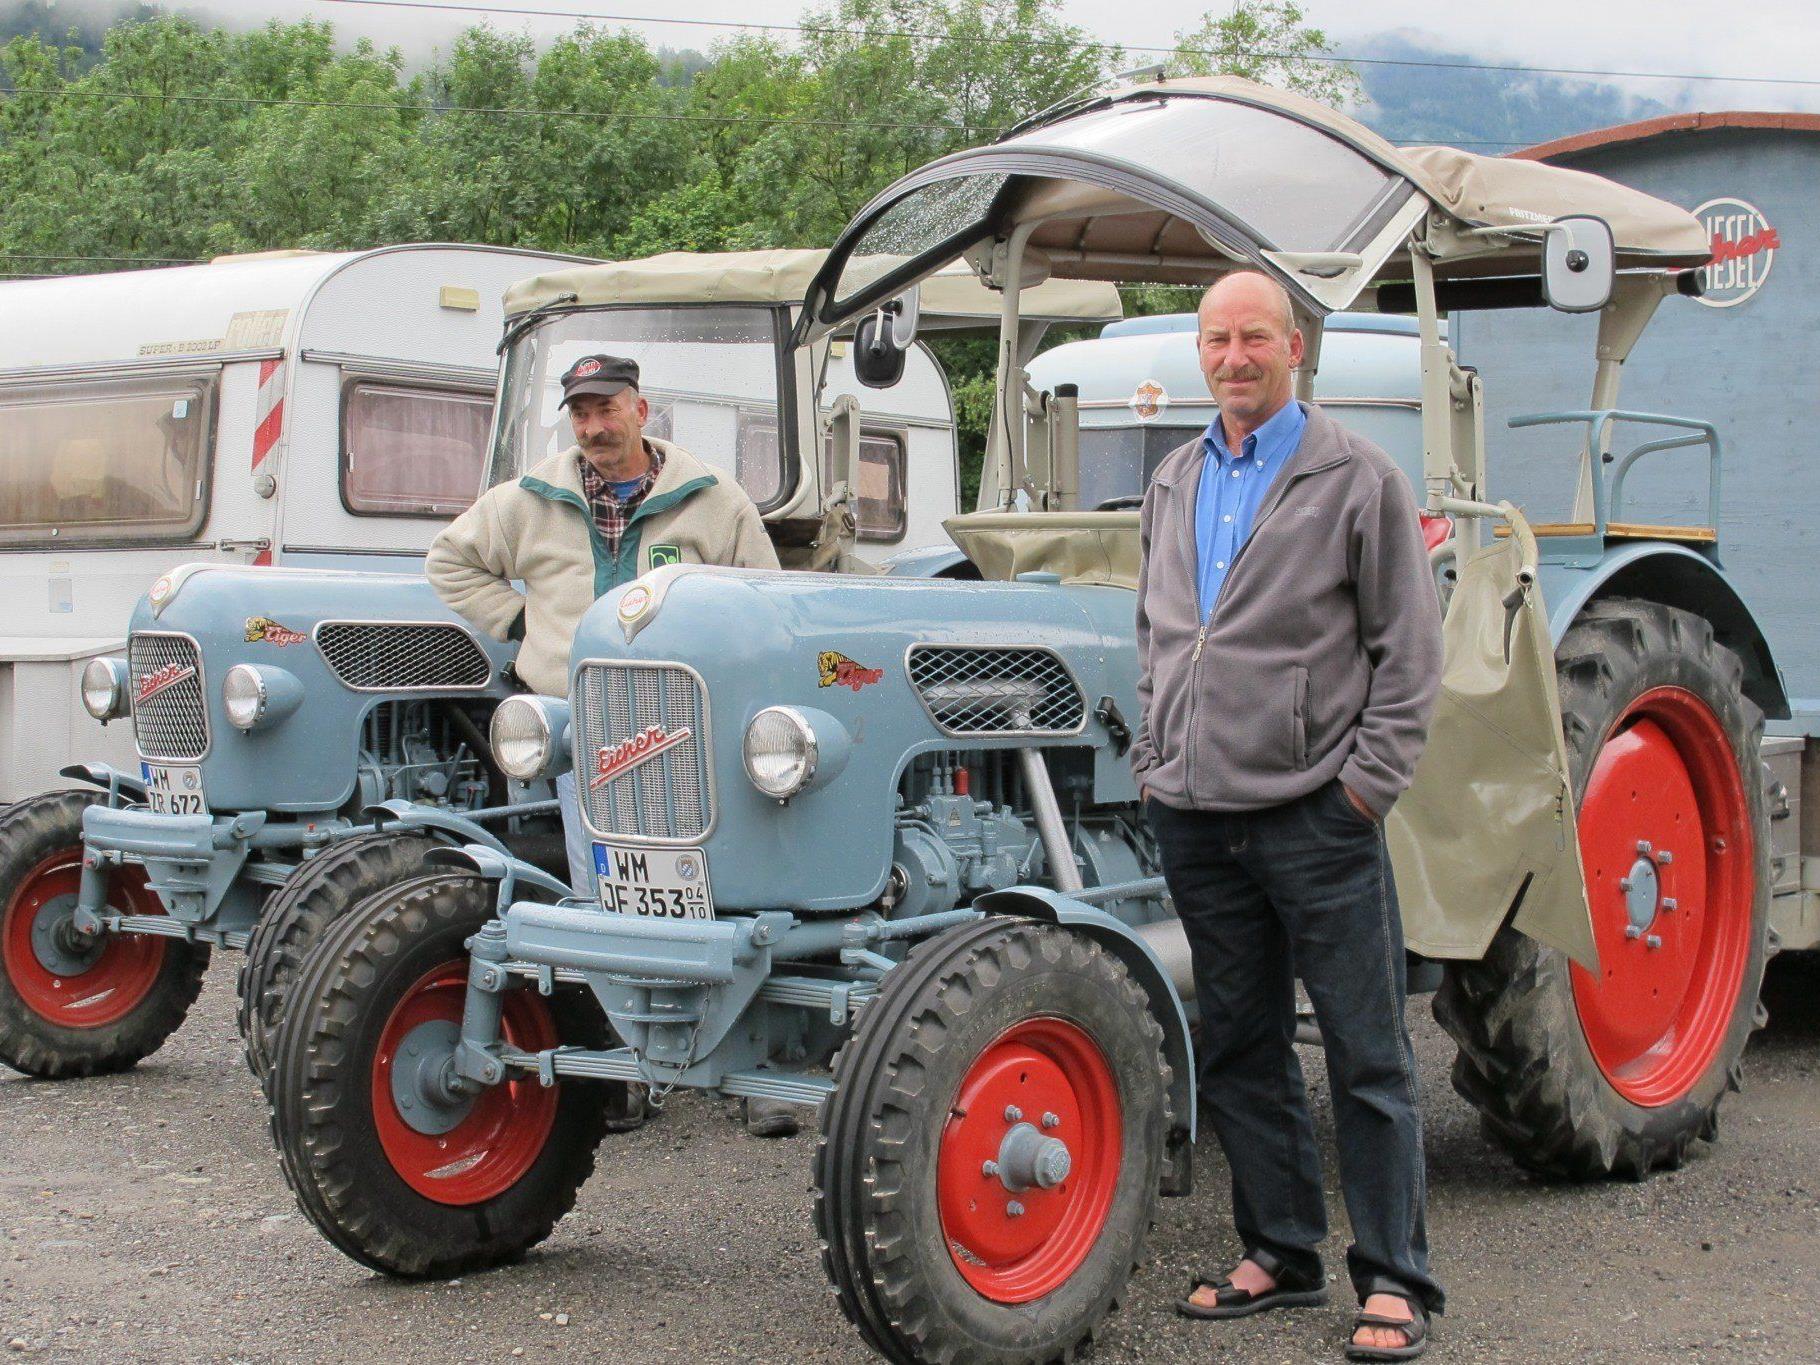 Traktoren Bj. 1980 und älter können bewundert werden.